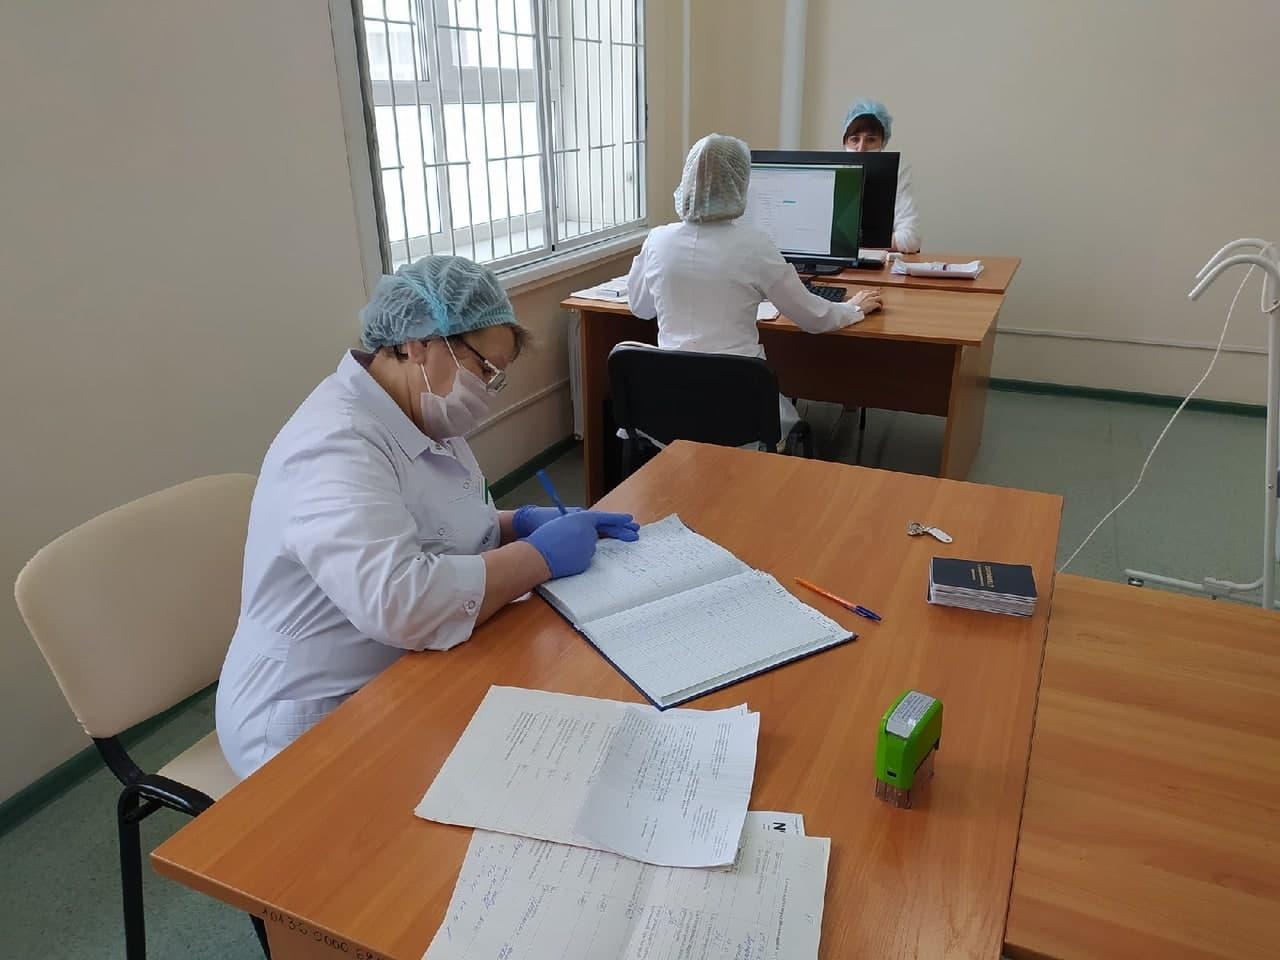 фото Министр здравоохранения Мурашко в Новосибирске: онлайн-трансляция на Сиб.фм 10